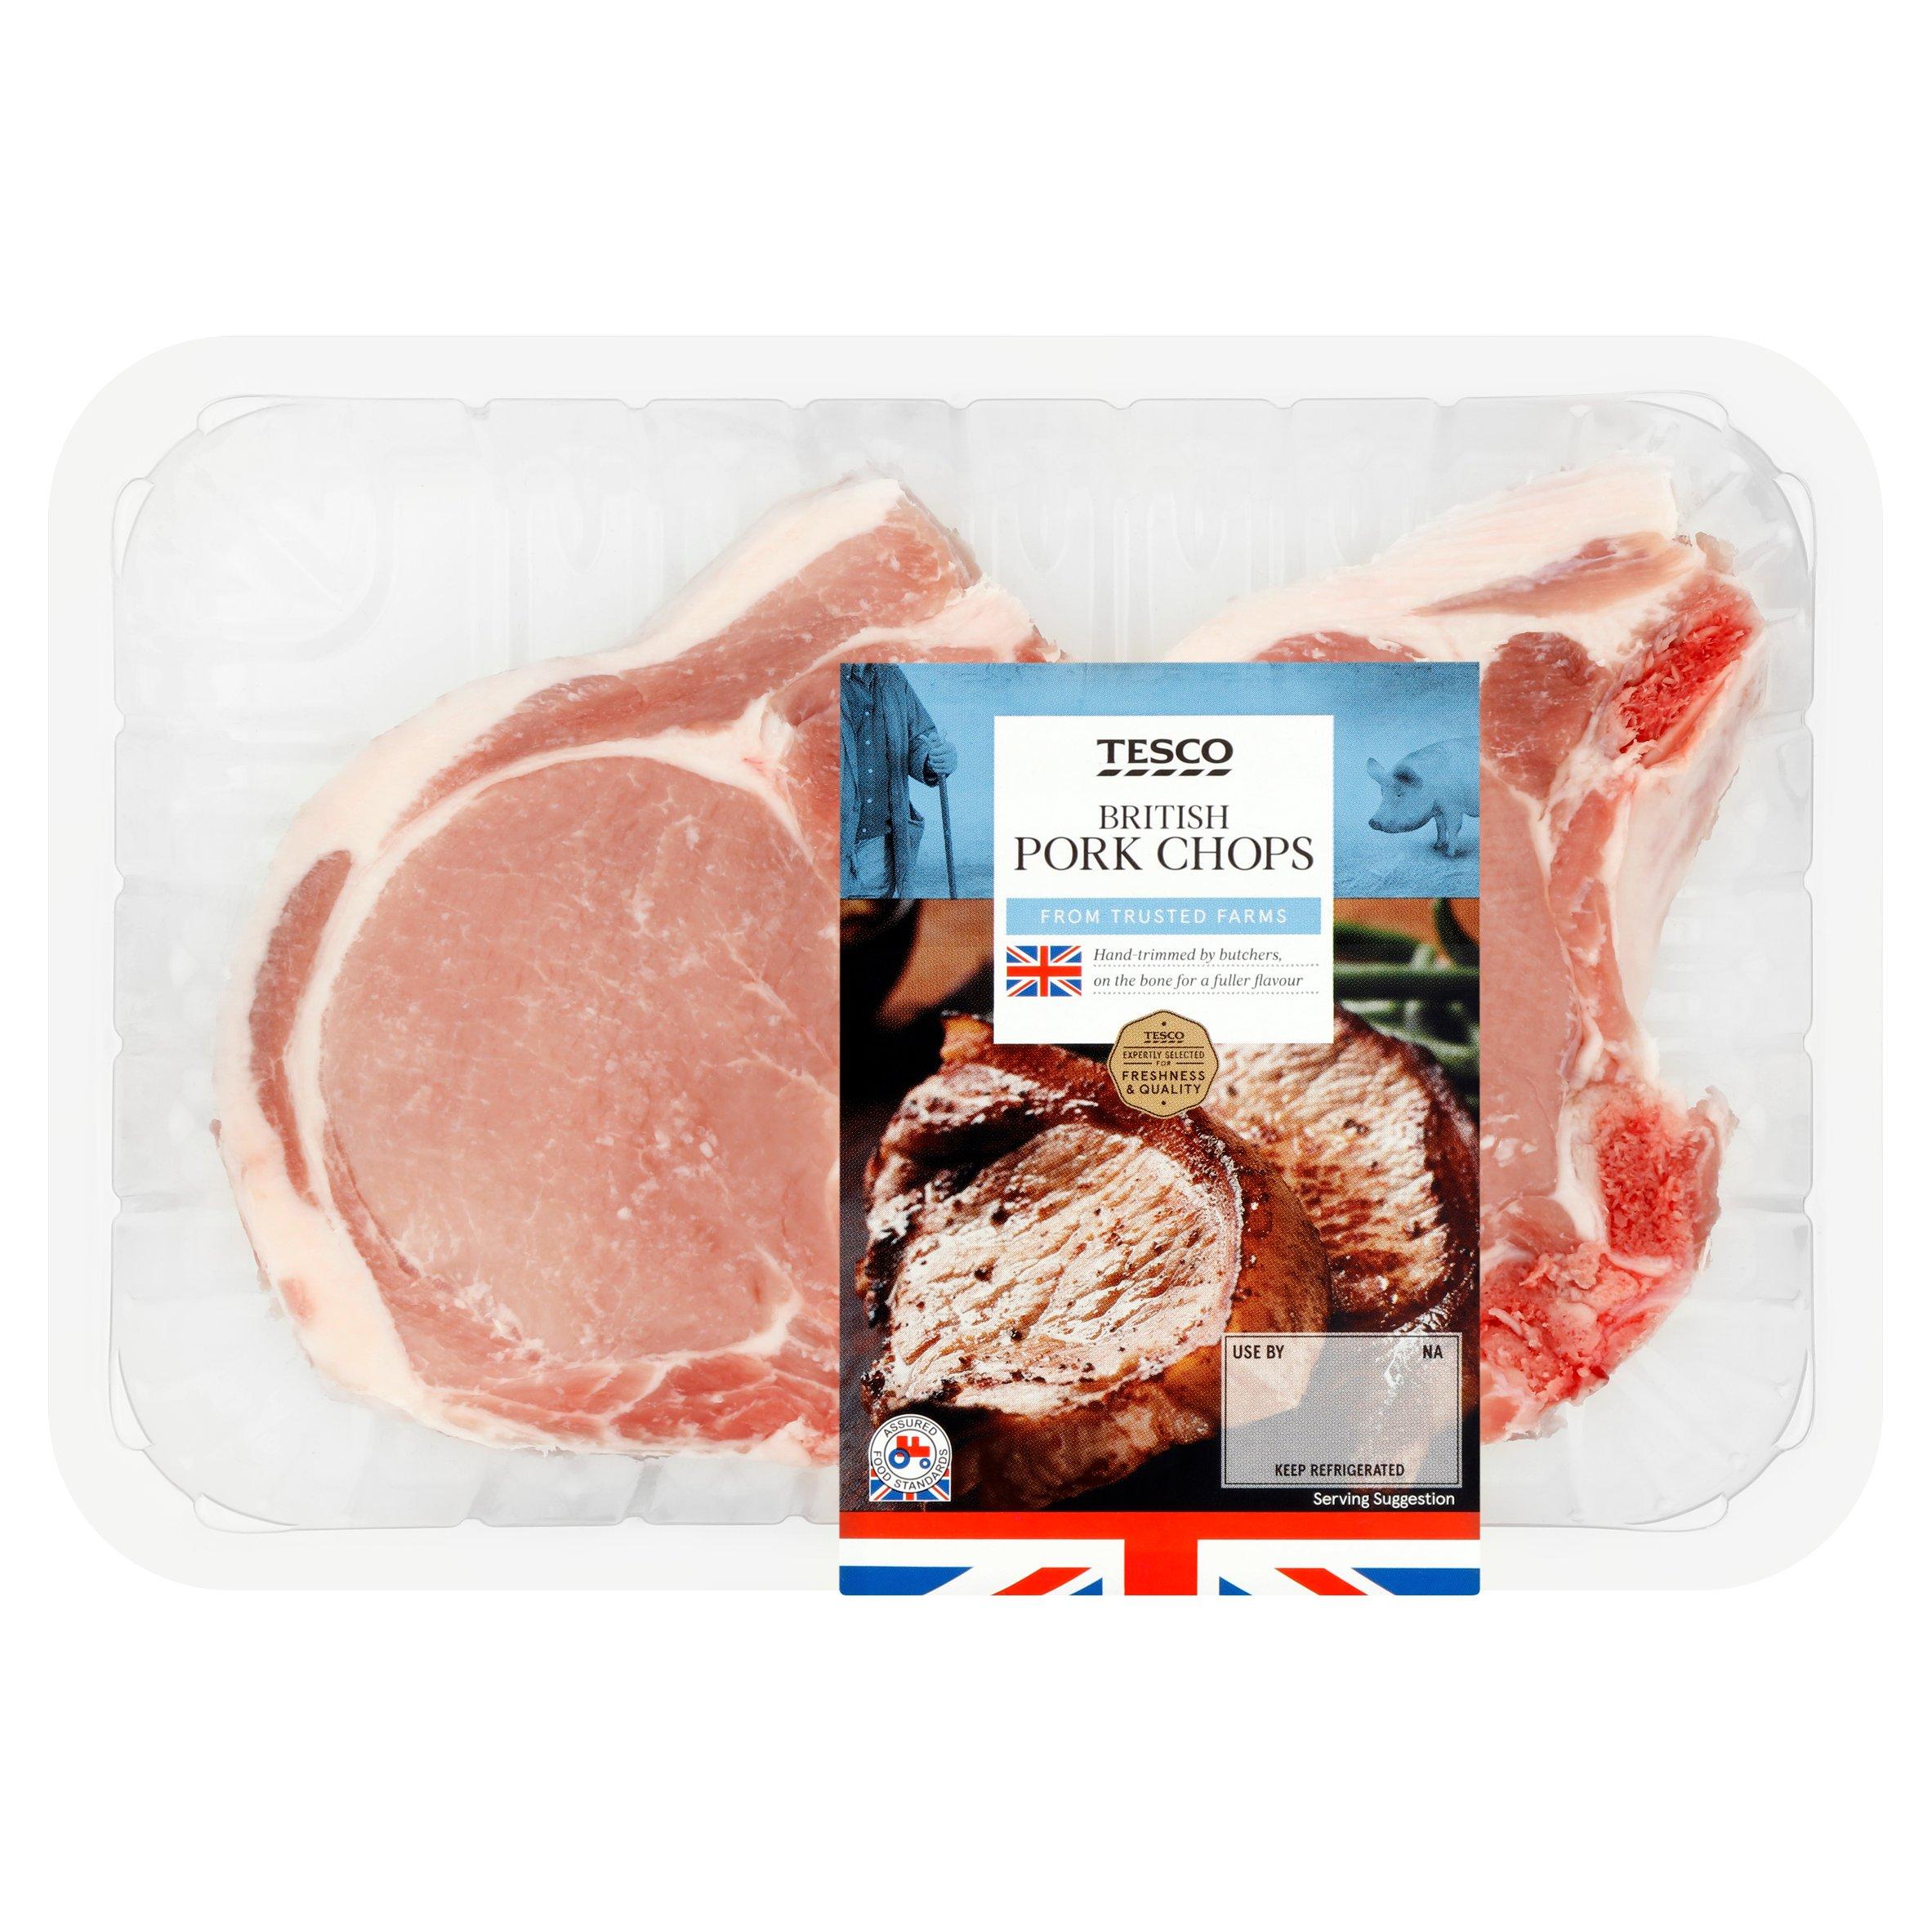 Tesco 2 Pork Loin Chops 450G